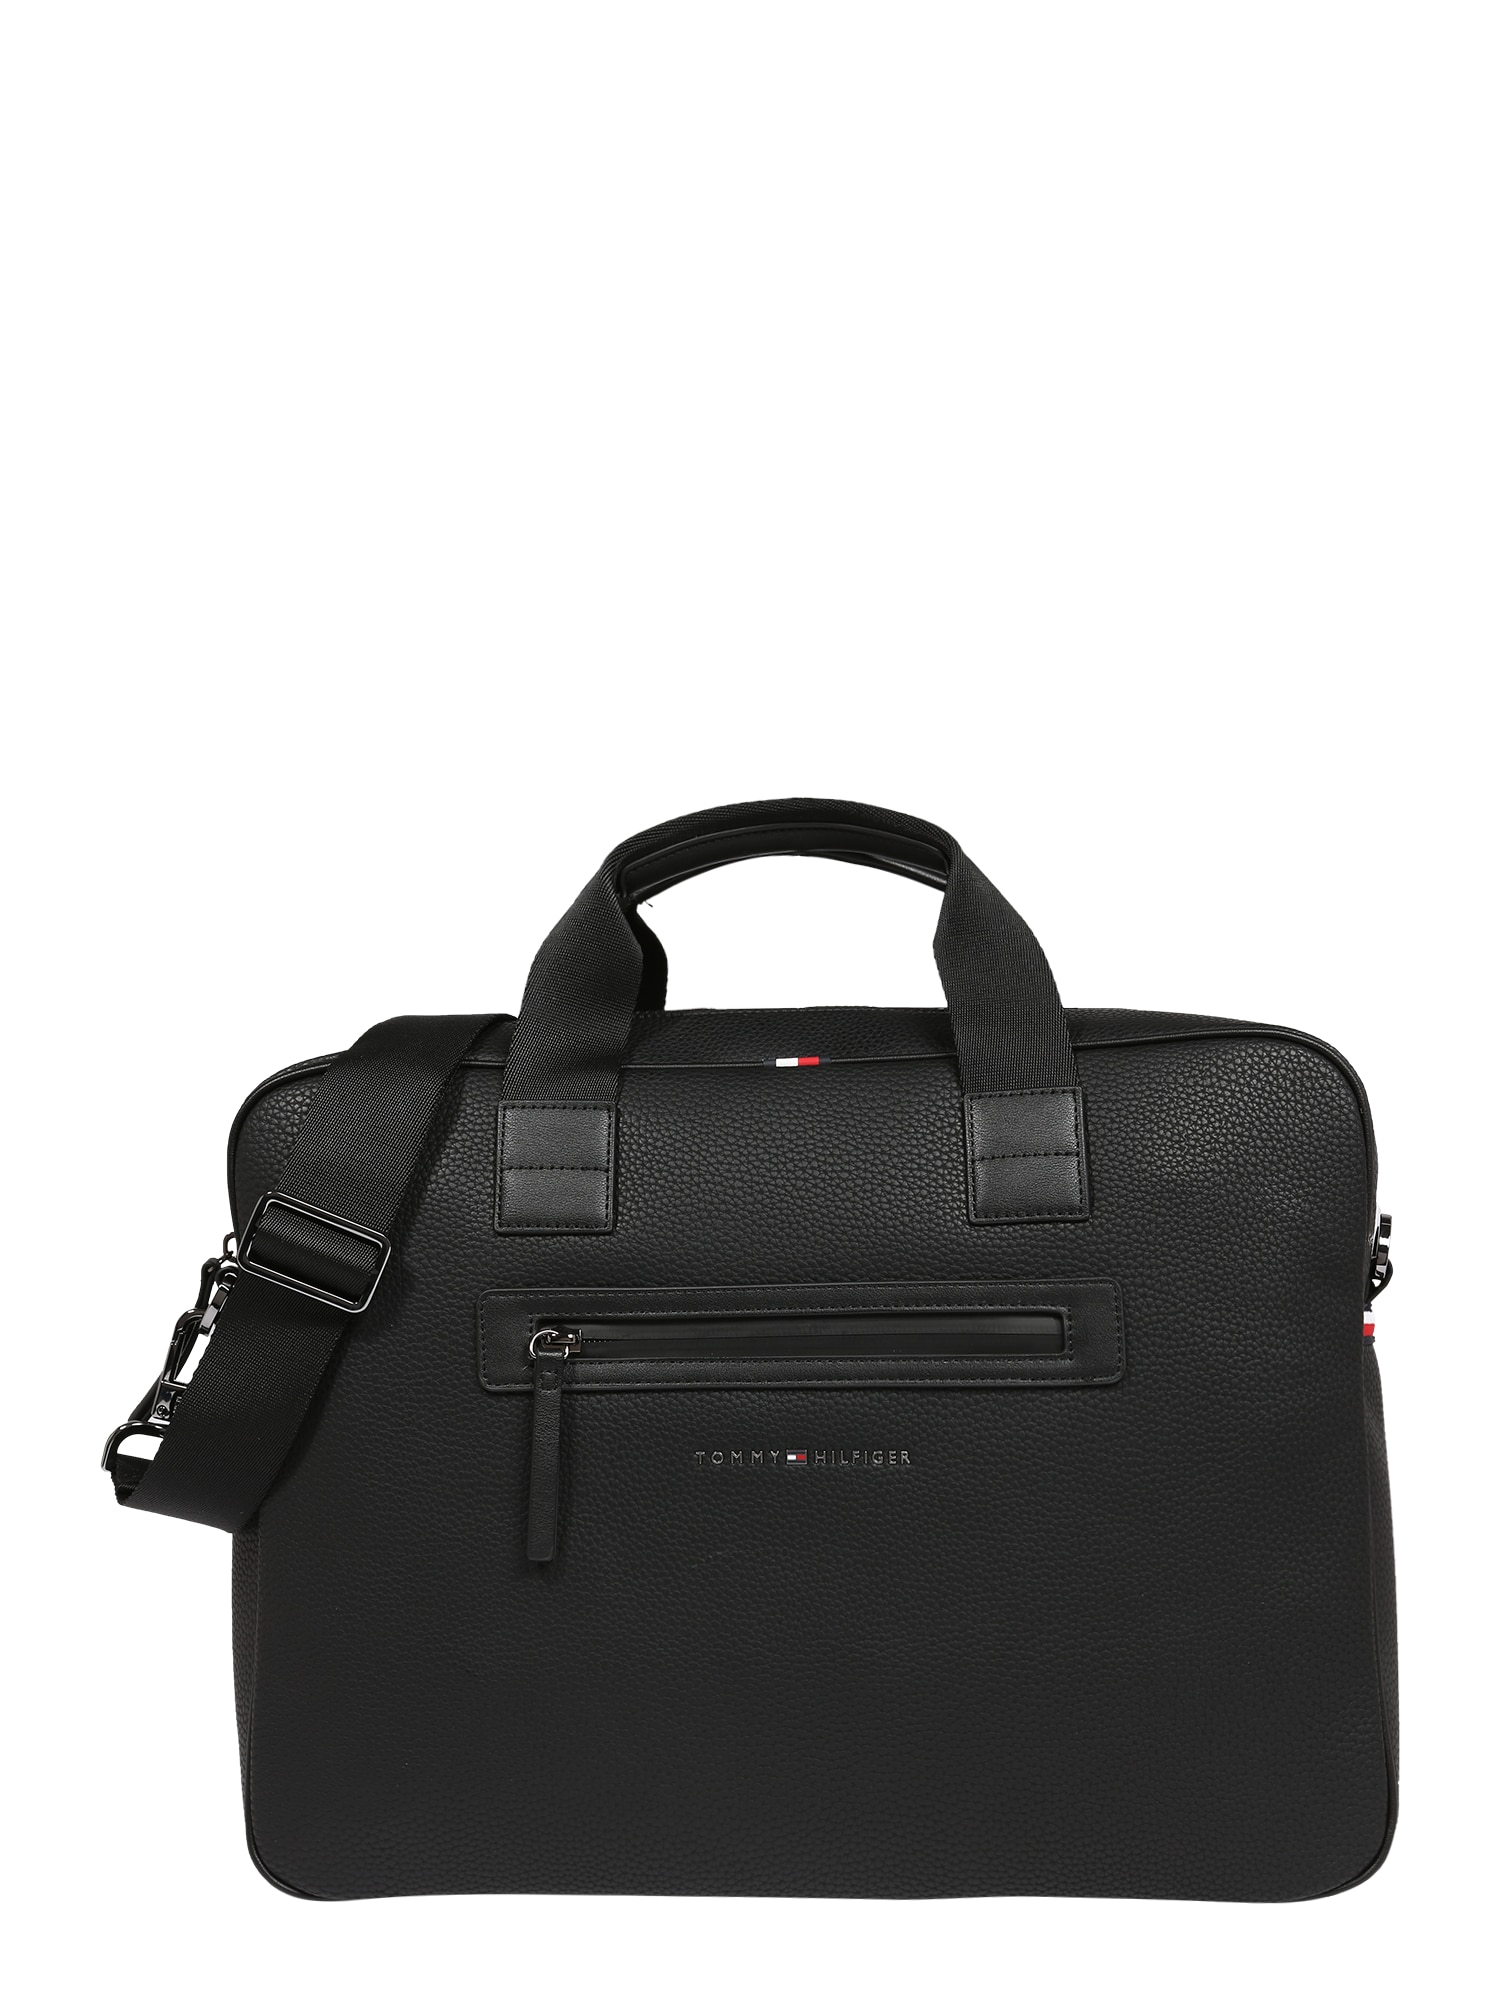 TOMMY HILFIGER Nešiojamo kompiuterio krepšys juoda